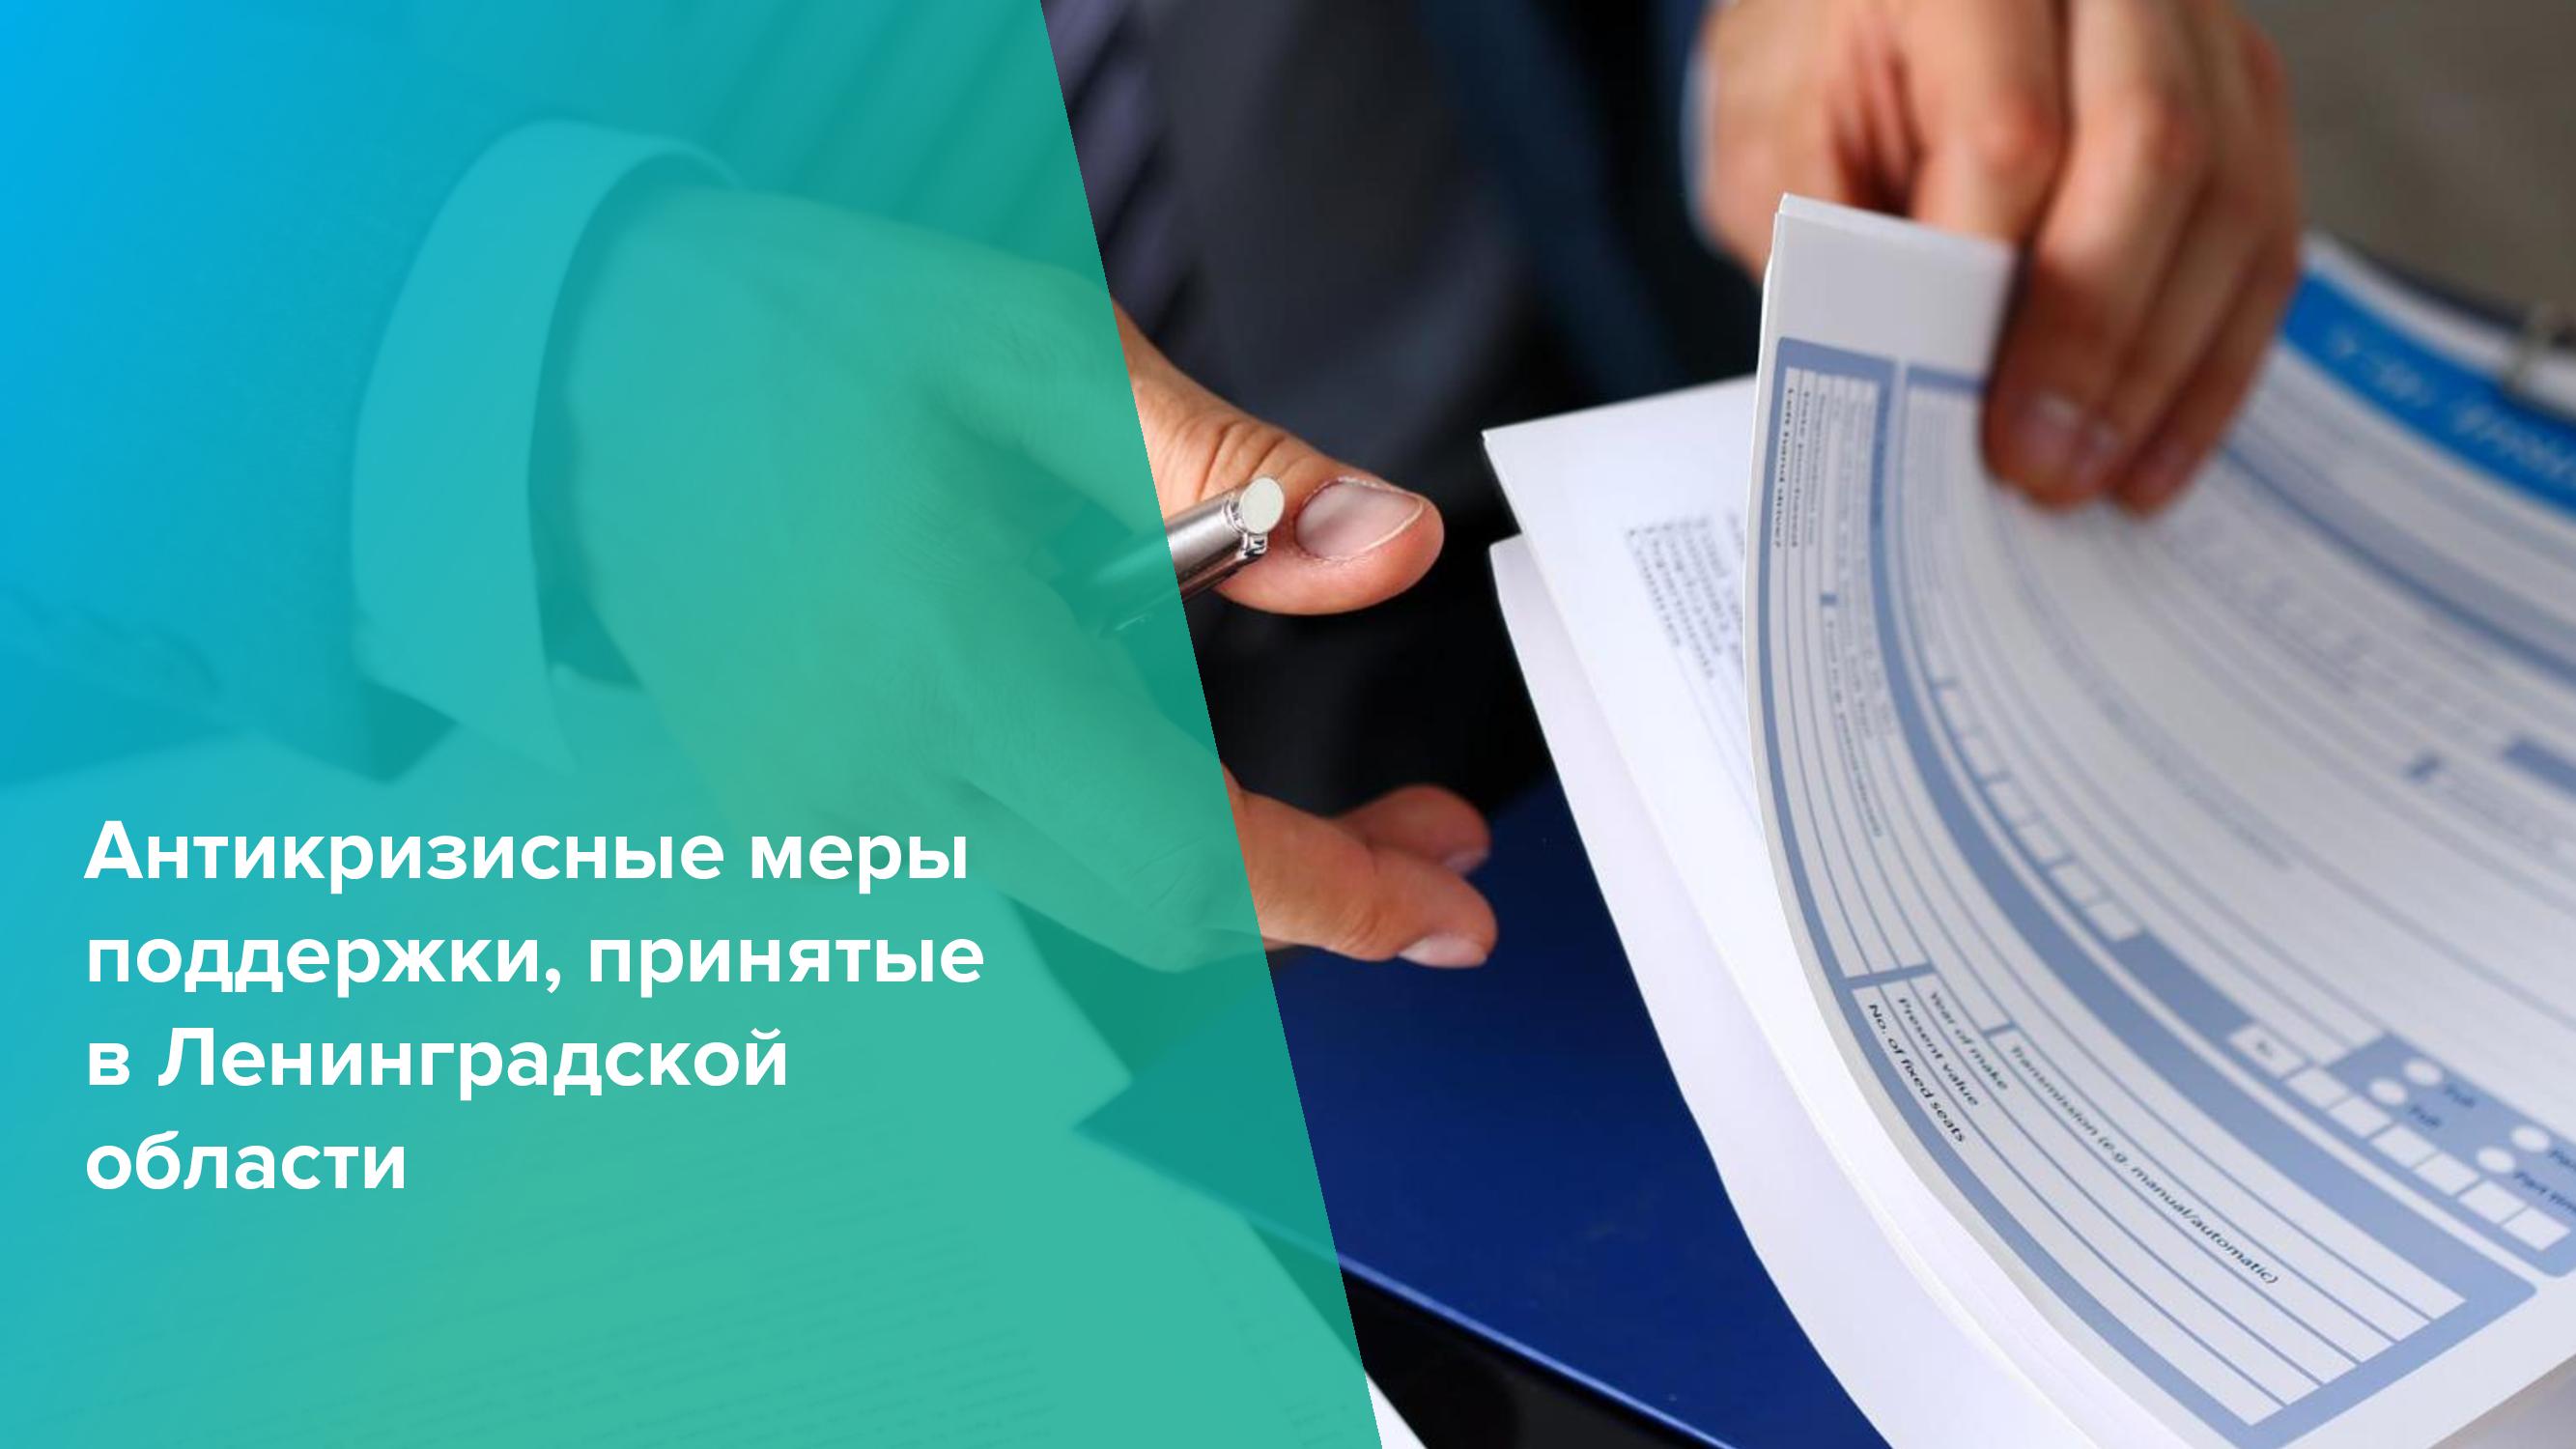 Региональные и федеральные меры поддержки_page-0004.jpg